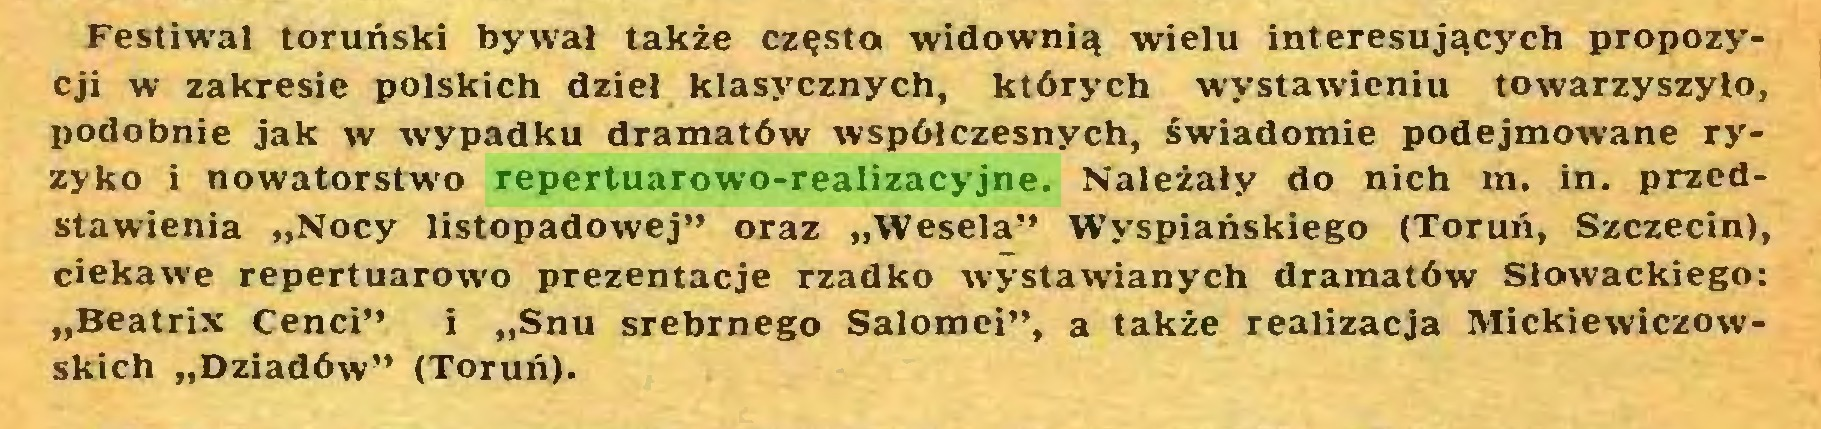 """(...) Festiwal toruński bywał także częsta widownią wielu interesujących propozycji w zakresie polskich dzieł klasycznych, których wystawieniu towarzyszyło, podobnie jak w wypadku dramatów współczesnych, świadomie podejmowane ryzyko i nowatorstwo repertuarowo-realizacyjne. Należały do nich m. in. przedstawienia """"Nocy listopadowej"""" oraz """"Wesela"""" Wyspiańskiego (Toruń, Szczecin), ciekawe repertuarowo prezentacje rzadko wystawianych dramatów Słowackiego: """"Beatrix Cenci"""" i """"Snu srebrnego Salomei"""", a także realizacja Mickiewiczowskich """"Dziadów"""" (Toruń)..."""